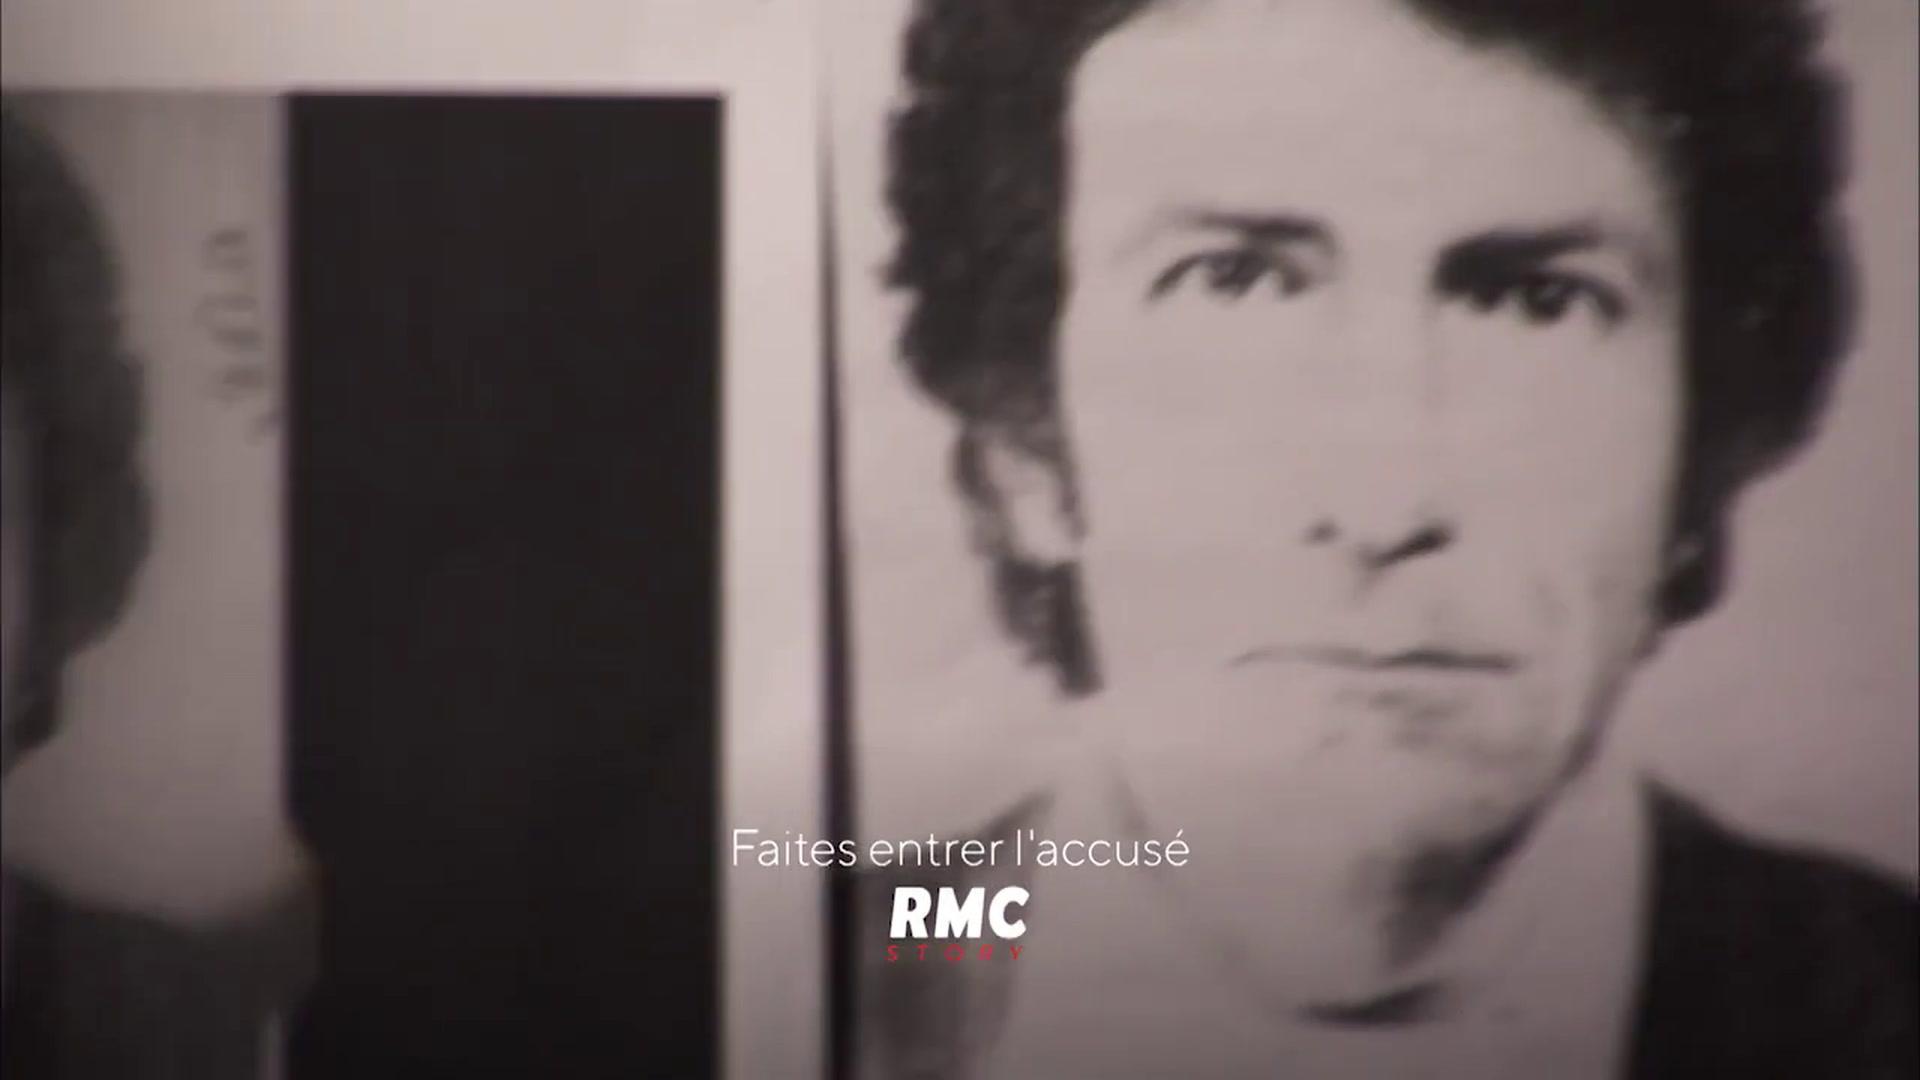 Faites entrer l'accusé : Francis Leroy, le tueur de la pleine lune